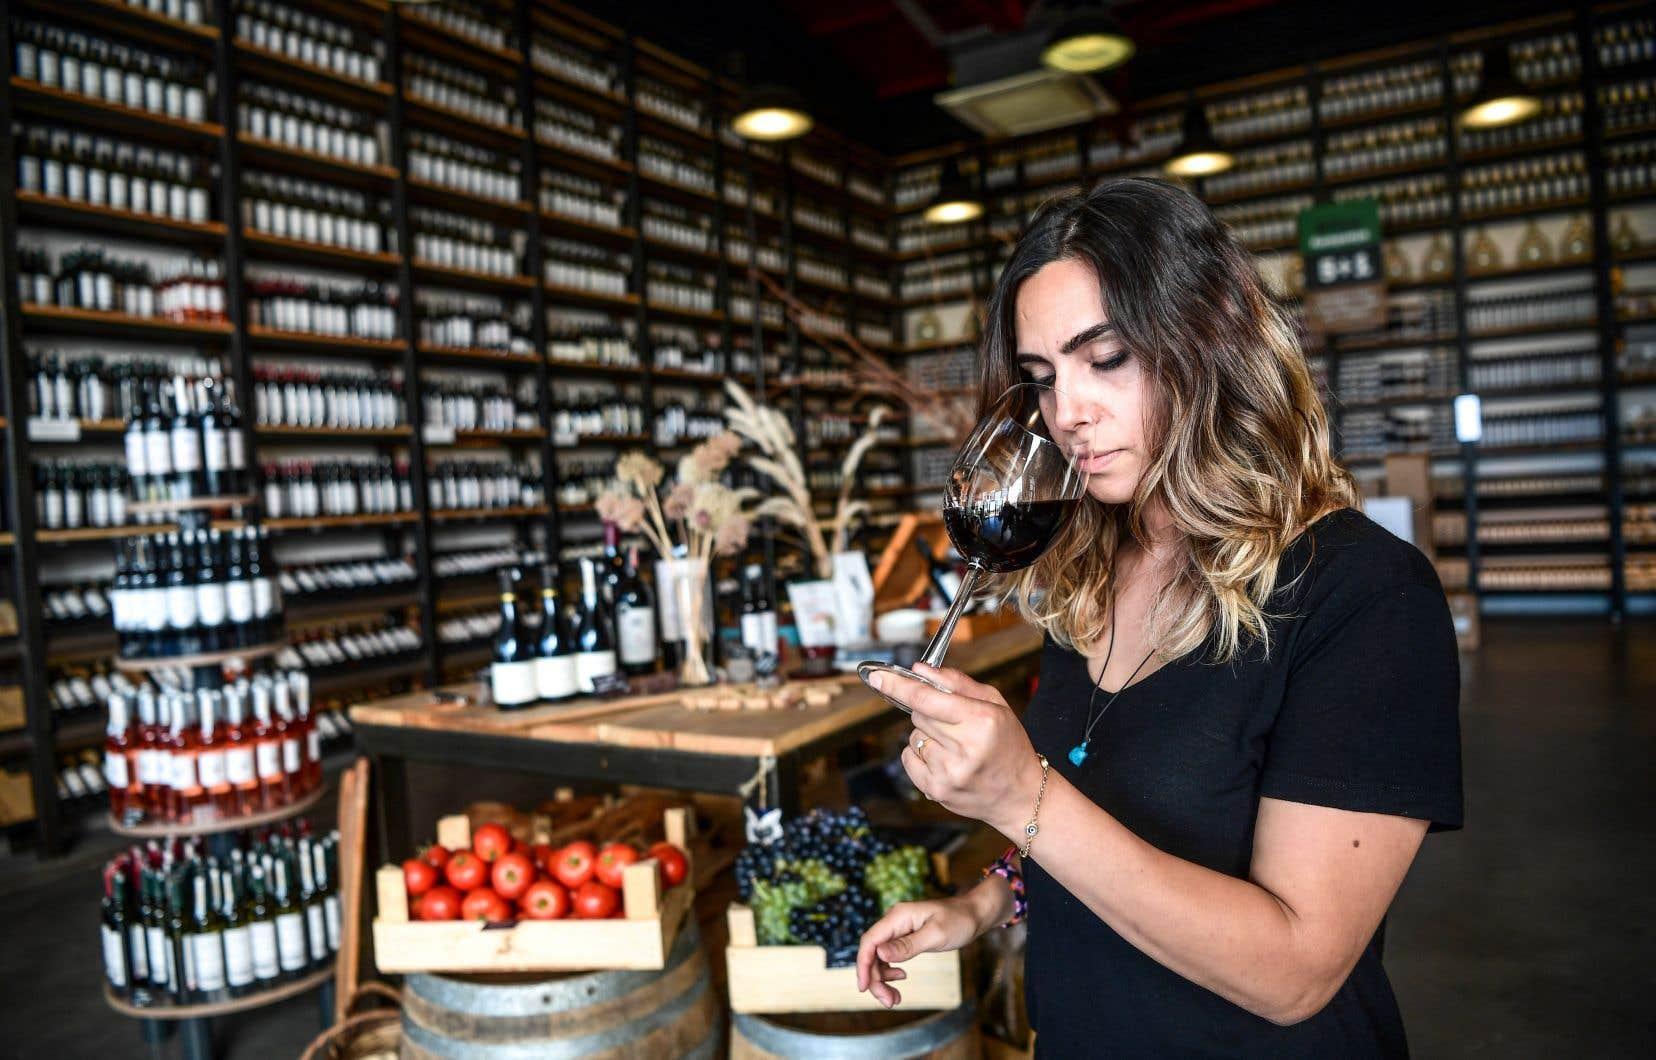 Seuls 0,05% de la production mondiale de vin et 0,06% de la consommation mondiale ont lieu en Turquie, selon l'Institut du vin basé en Californie.